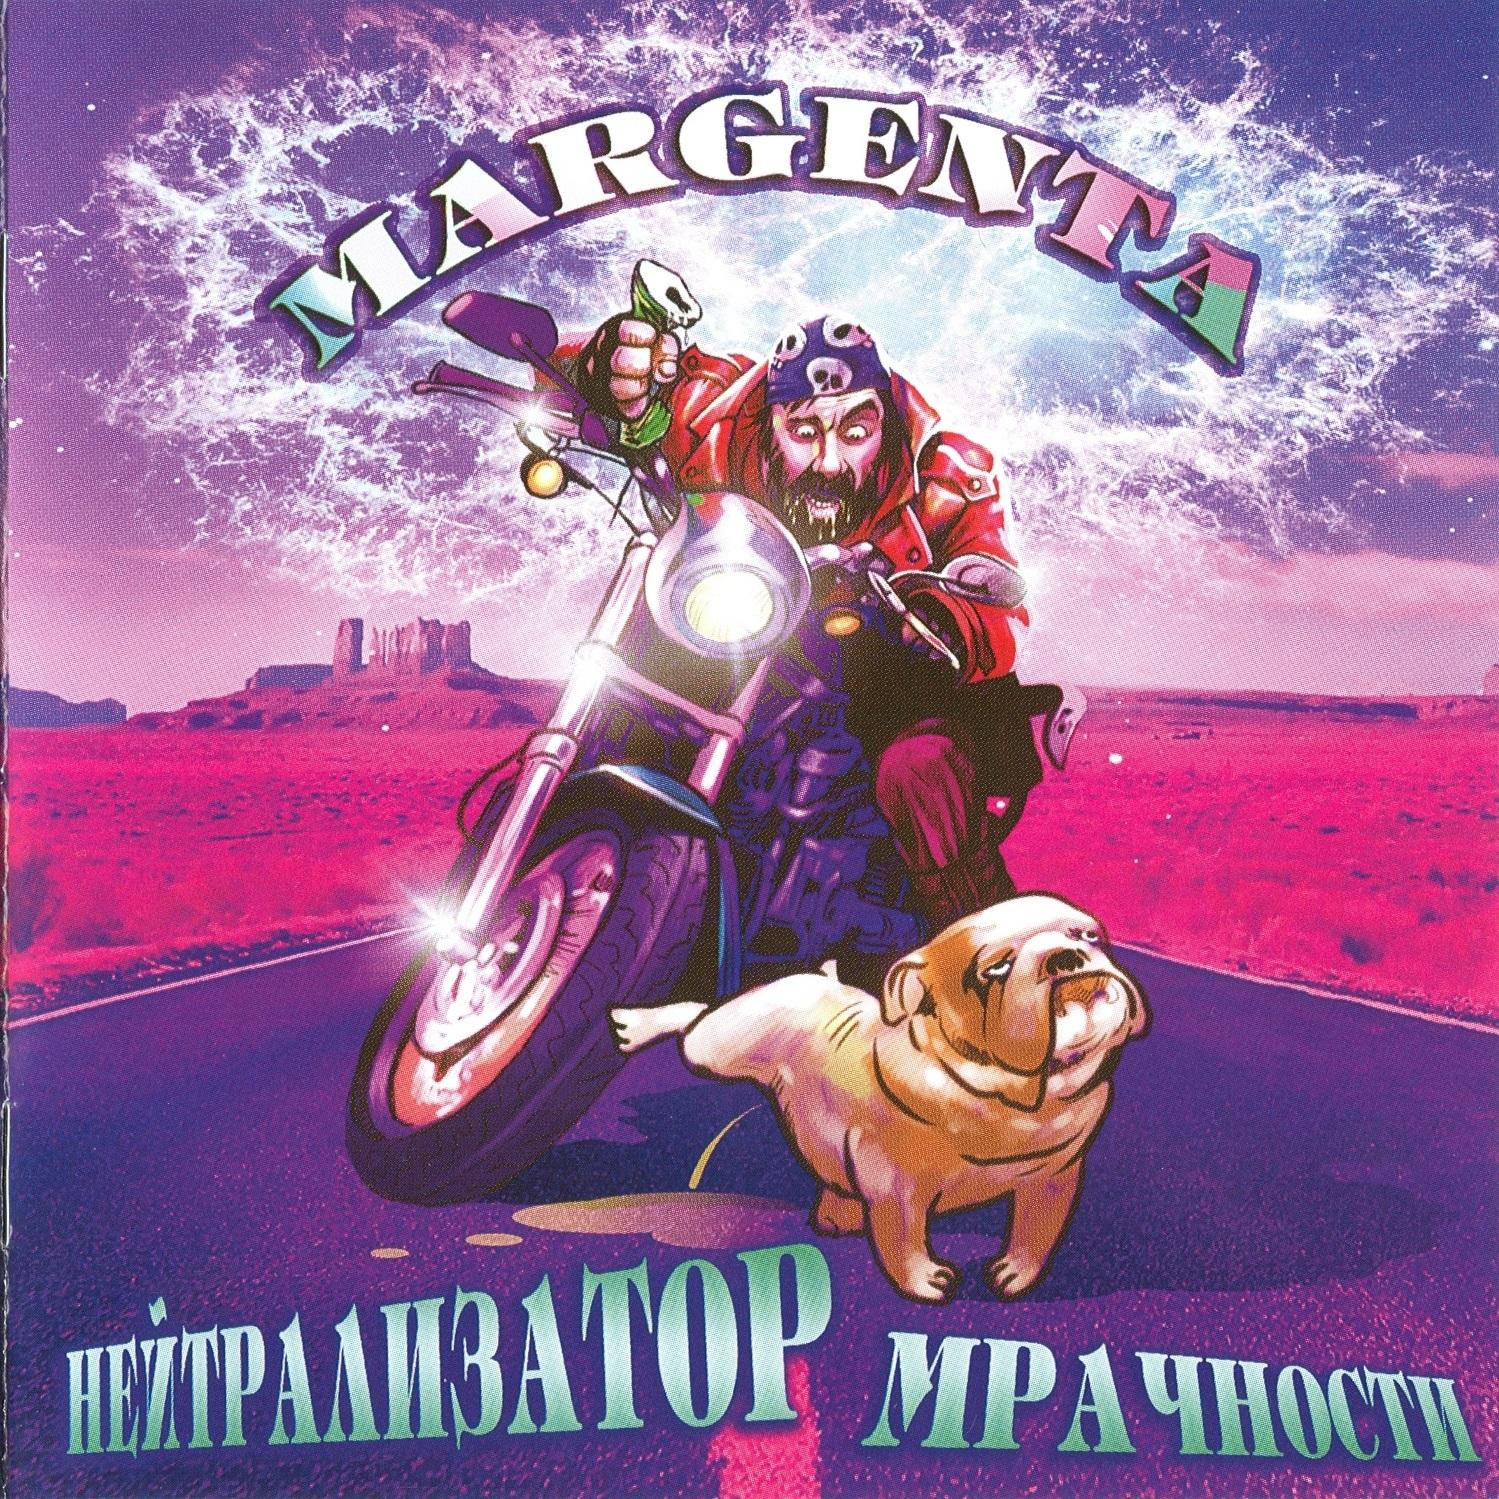 Margenta — Нейтрализатор Мрачности (2009)